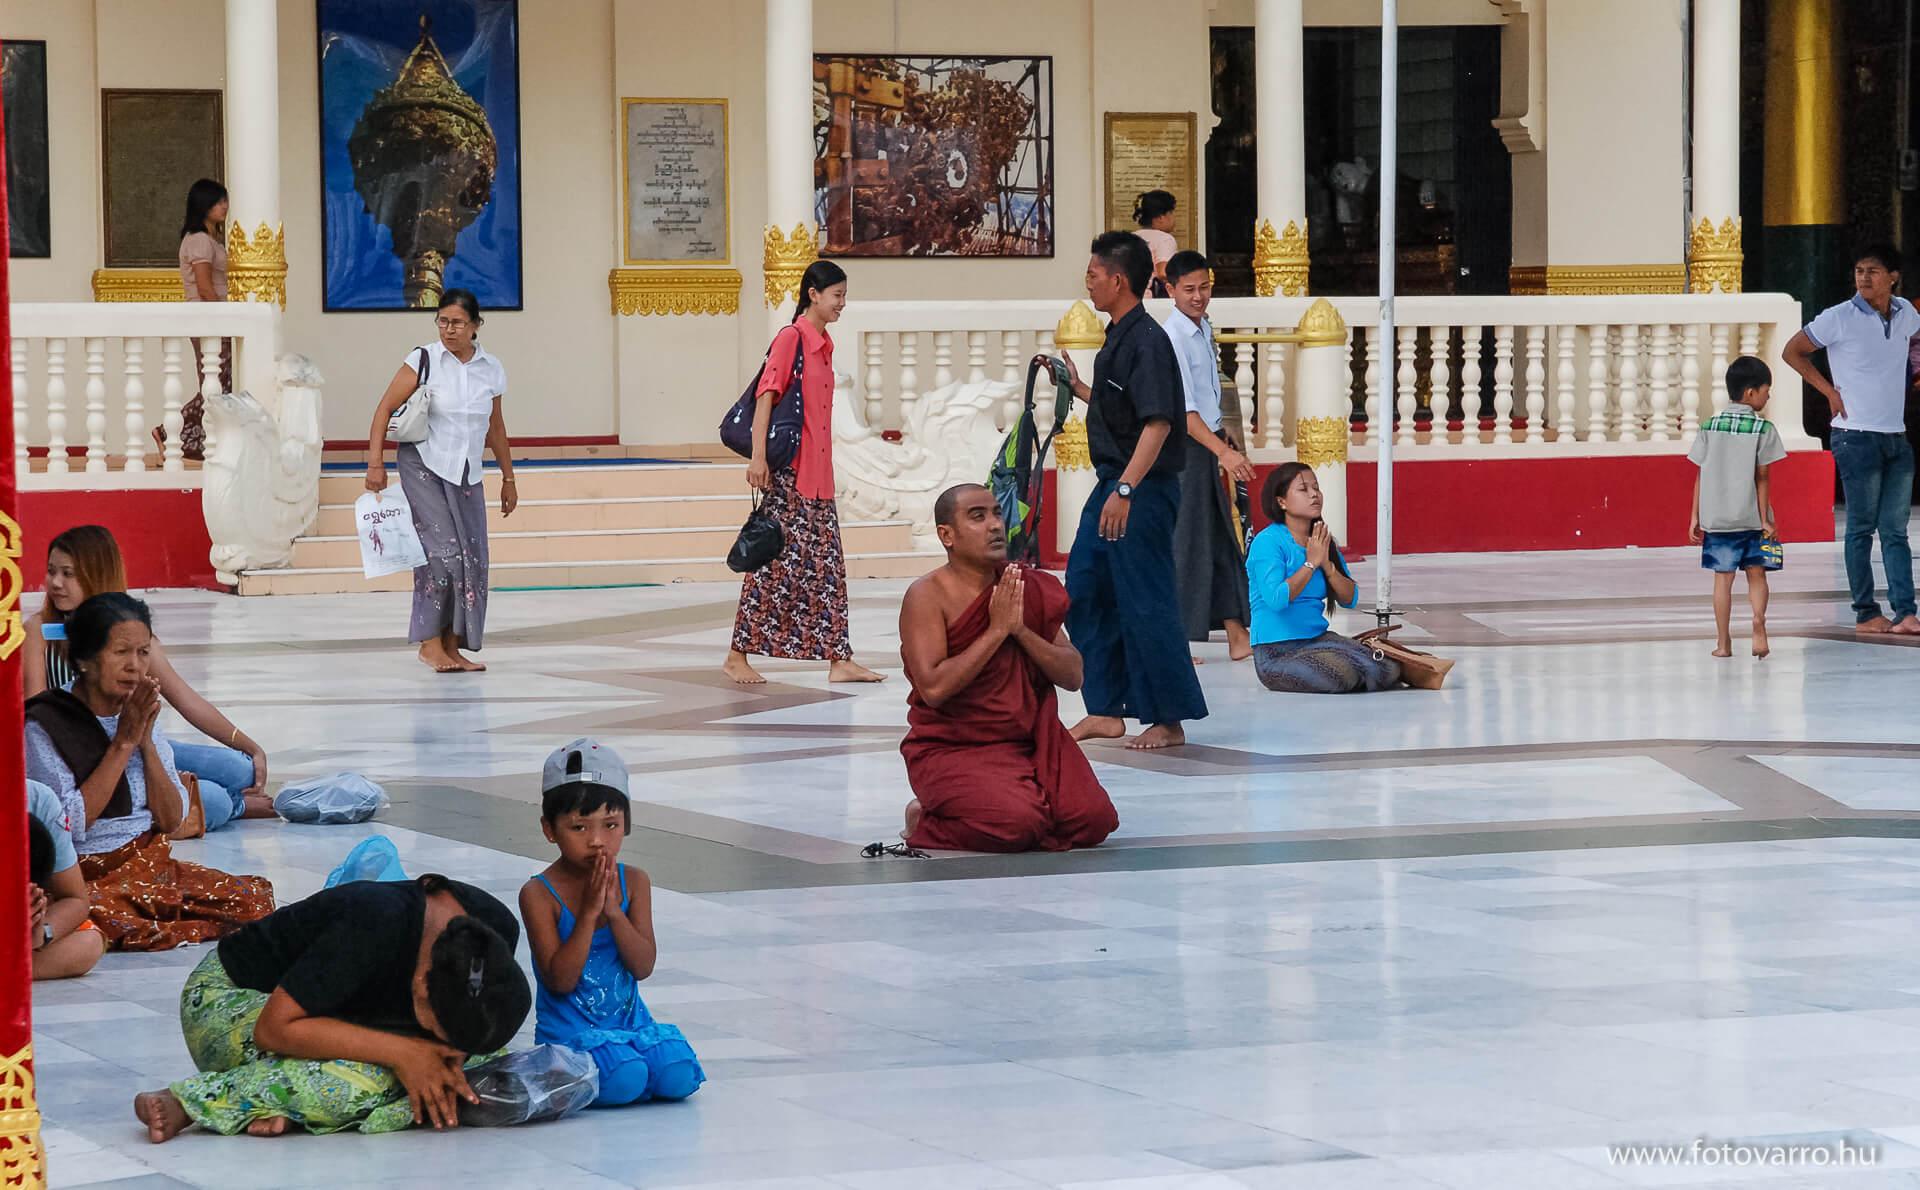 Burma_fotovarro_45